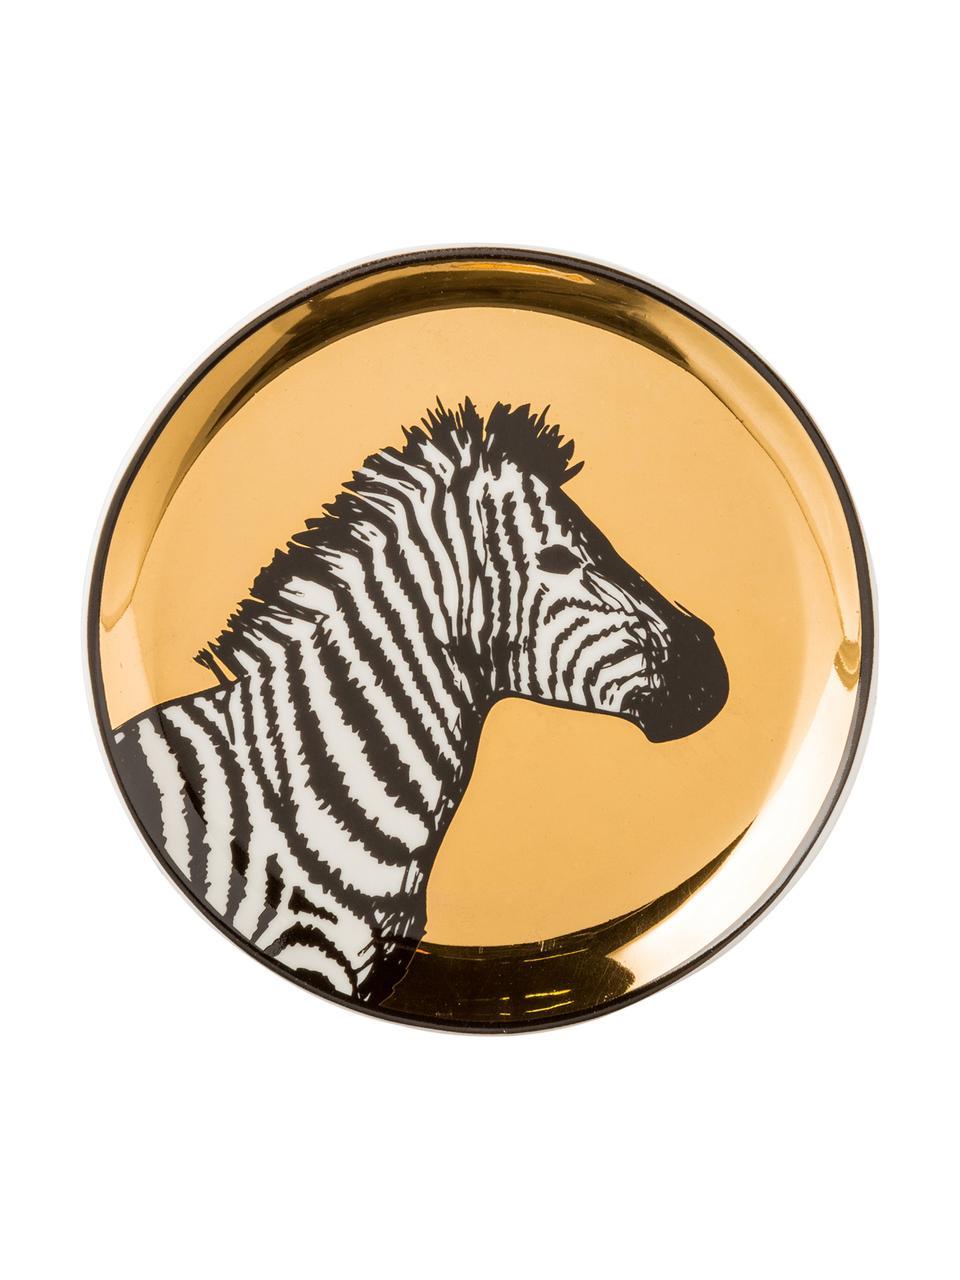 Designer-Untersetzer-Set Animalia, 4-tlg., Porzellan, Gold,Schwarz,Weiß, Ø 10 cm